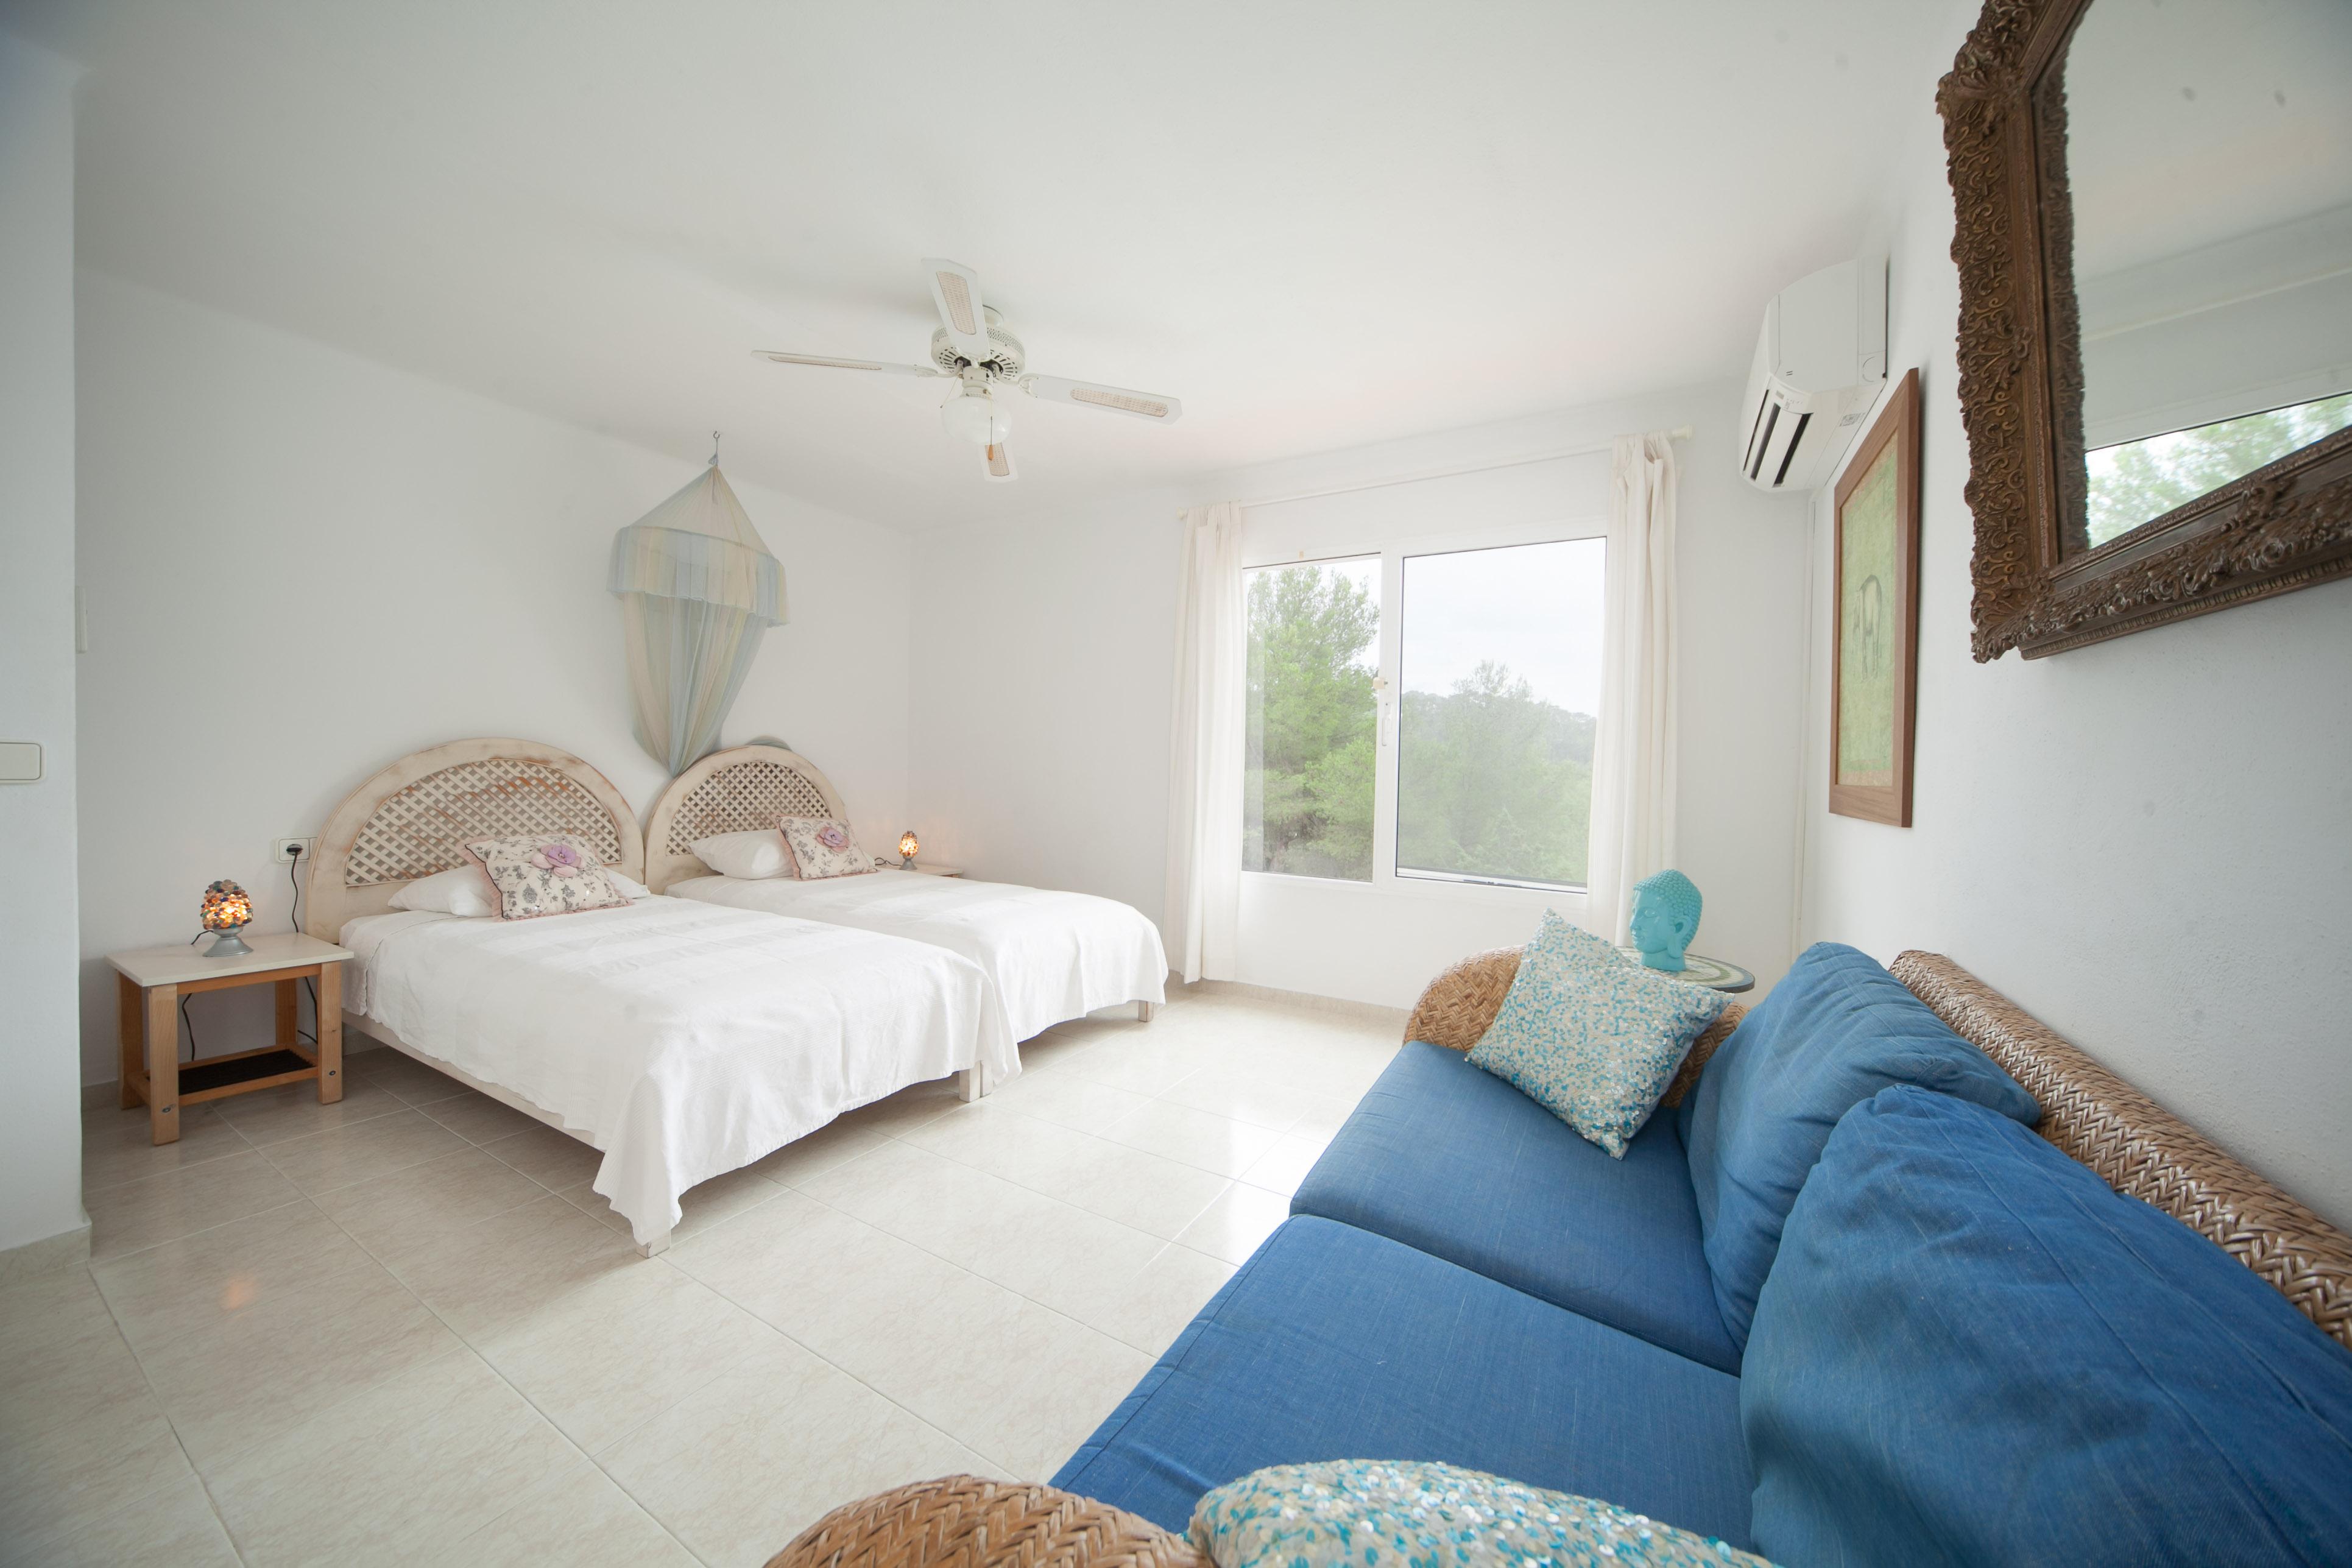 villa-binimentha-bedroom-ibiza